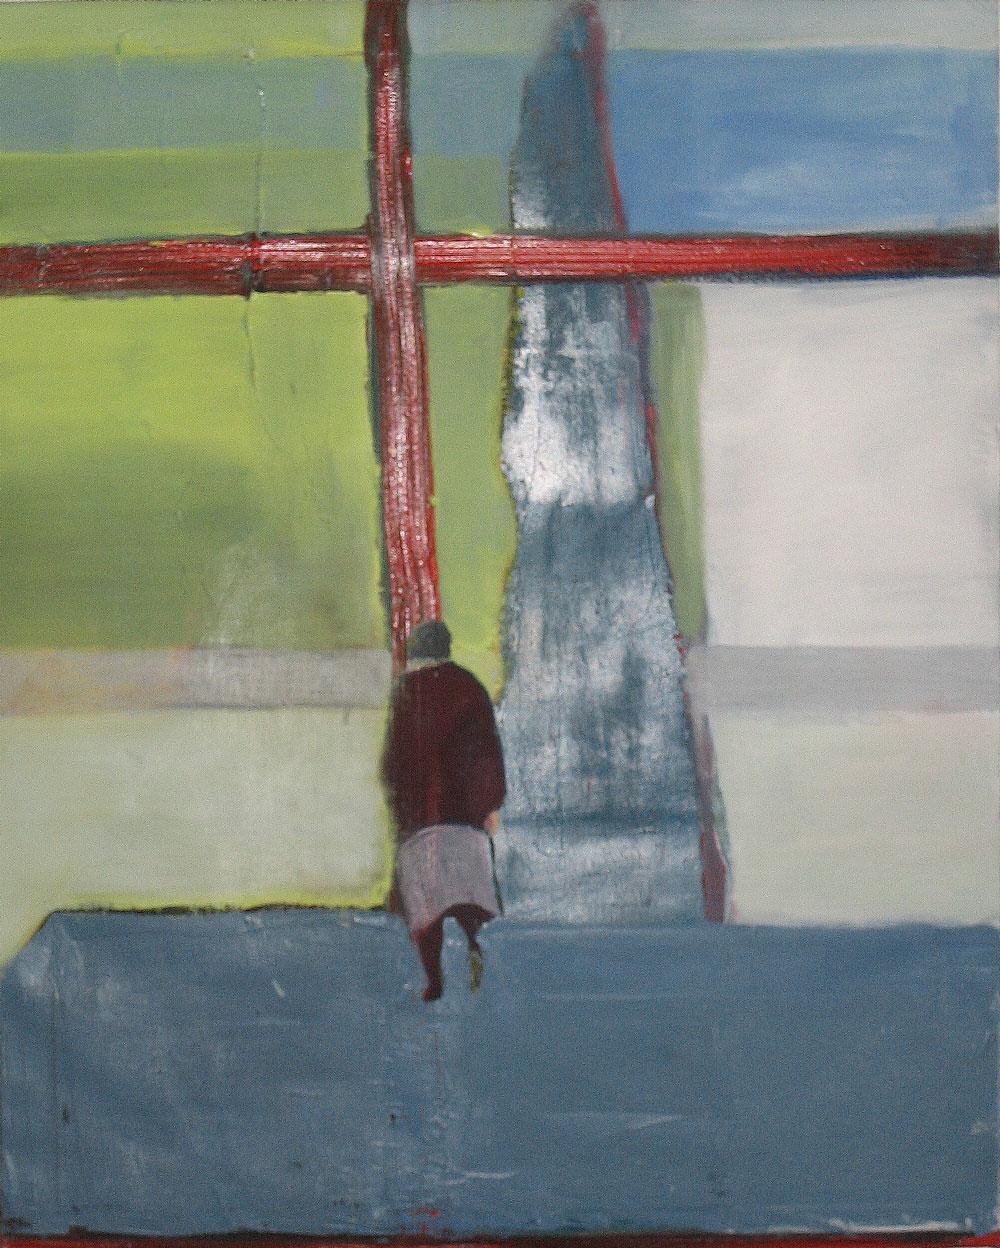 eine alte Frau geht auf ein rotes Kreuz zu